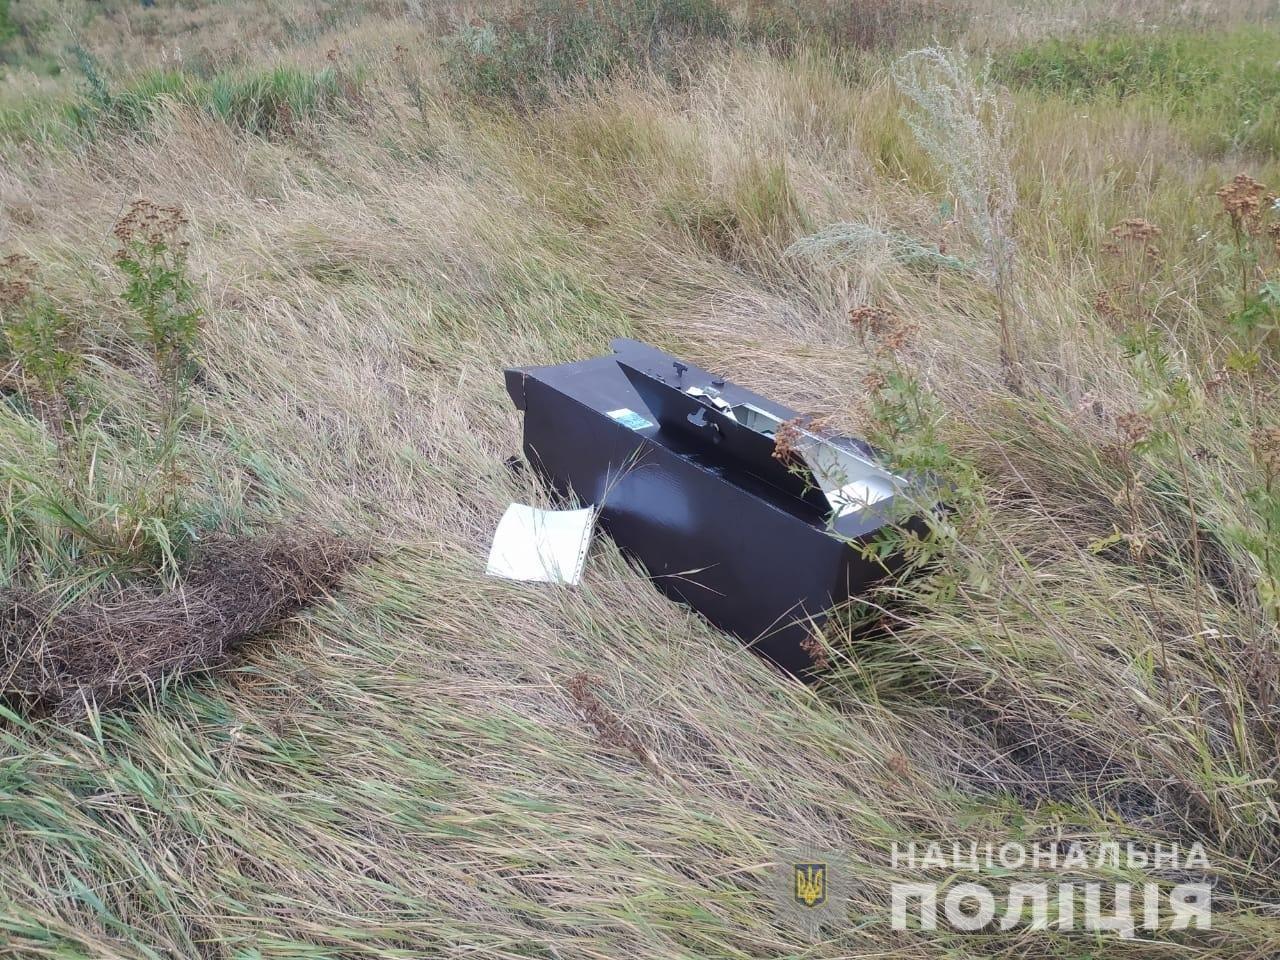 Лозовчанина задержали за разбойное нападение на сельхозпредприятие в Катериновке , фото-5